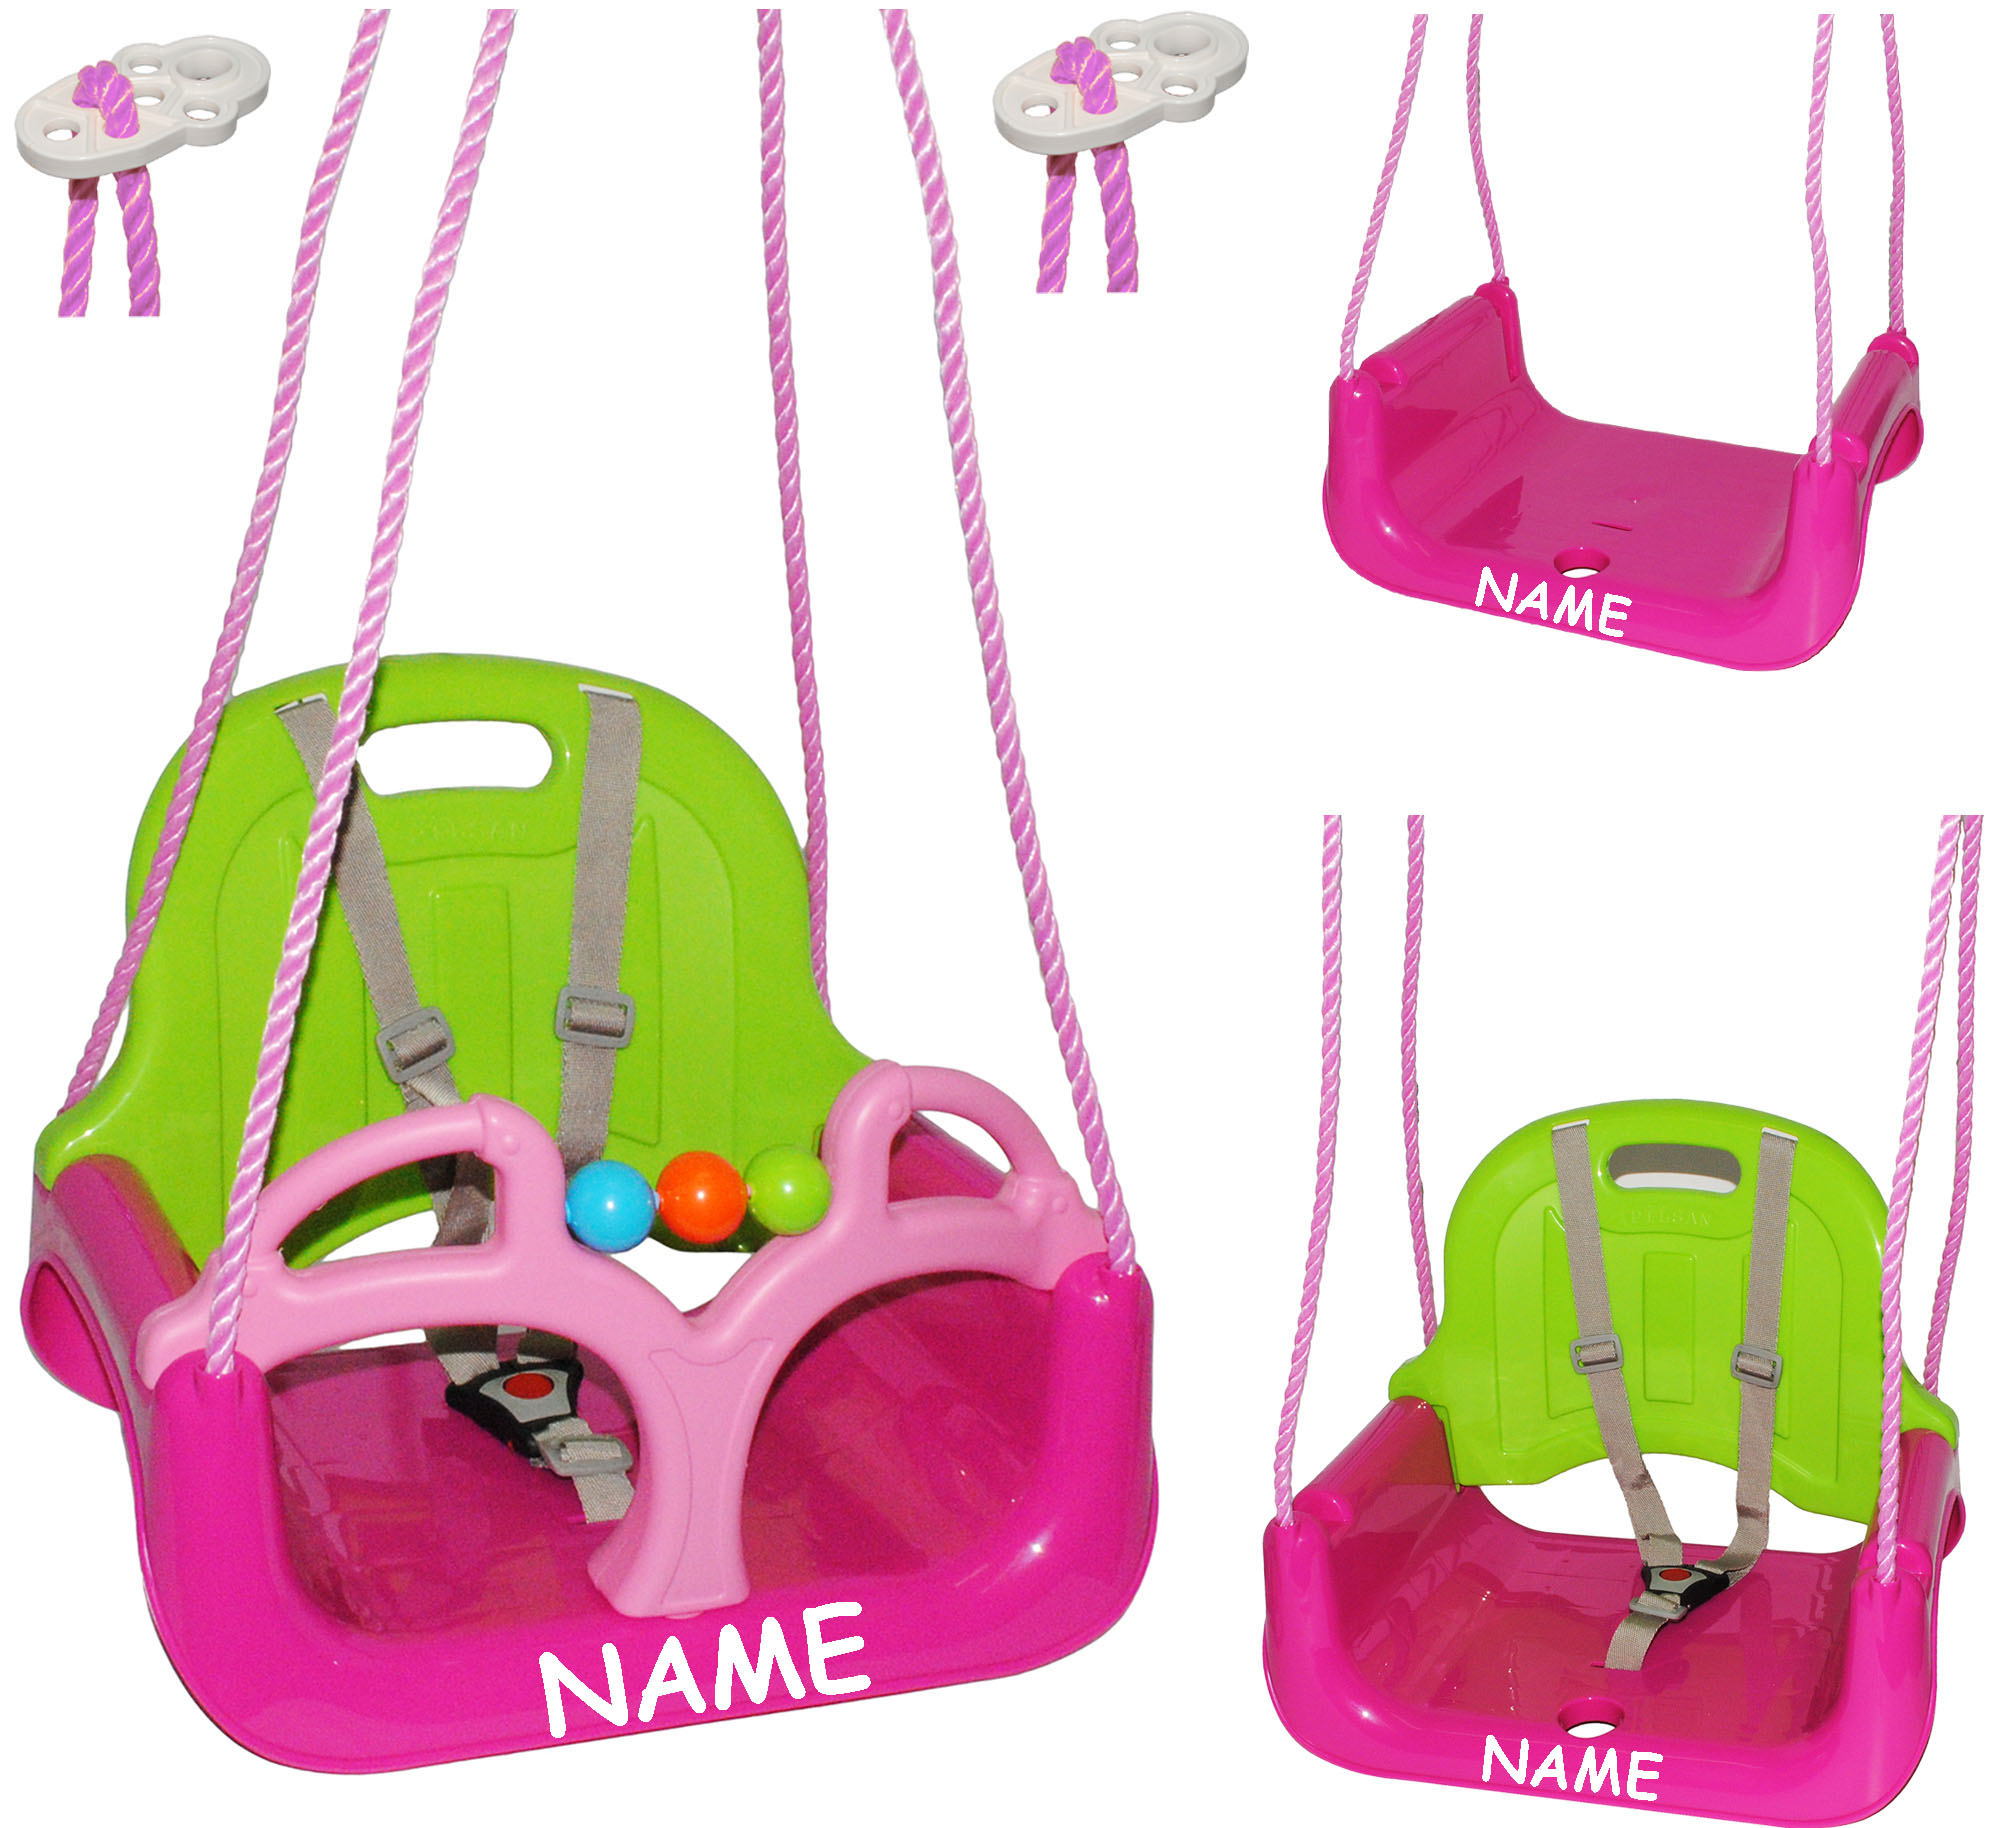 Babyschaukel-gitterschaukel-mitwachsend-amp-de-reequipar-con-cinturon-034-rosa-p miniatura 17